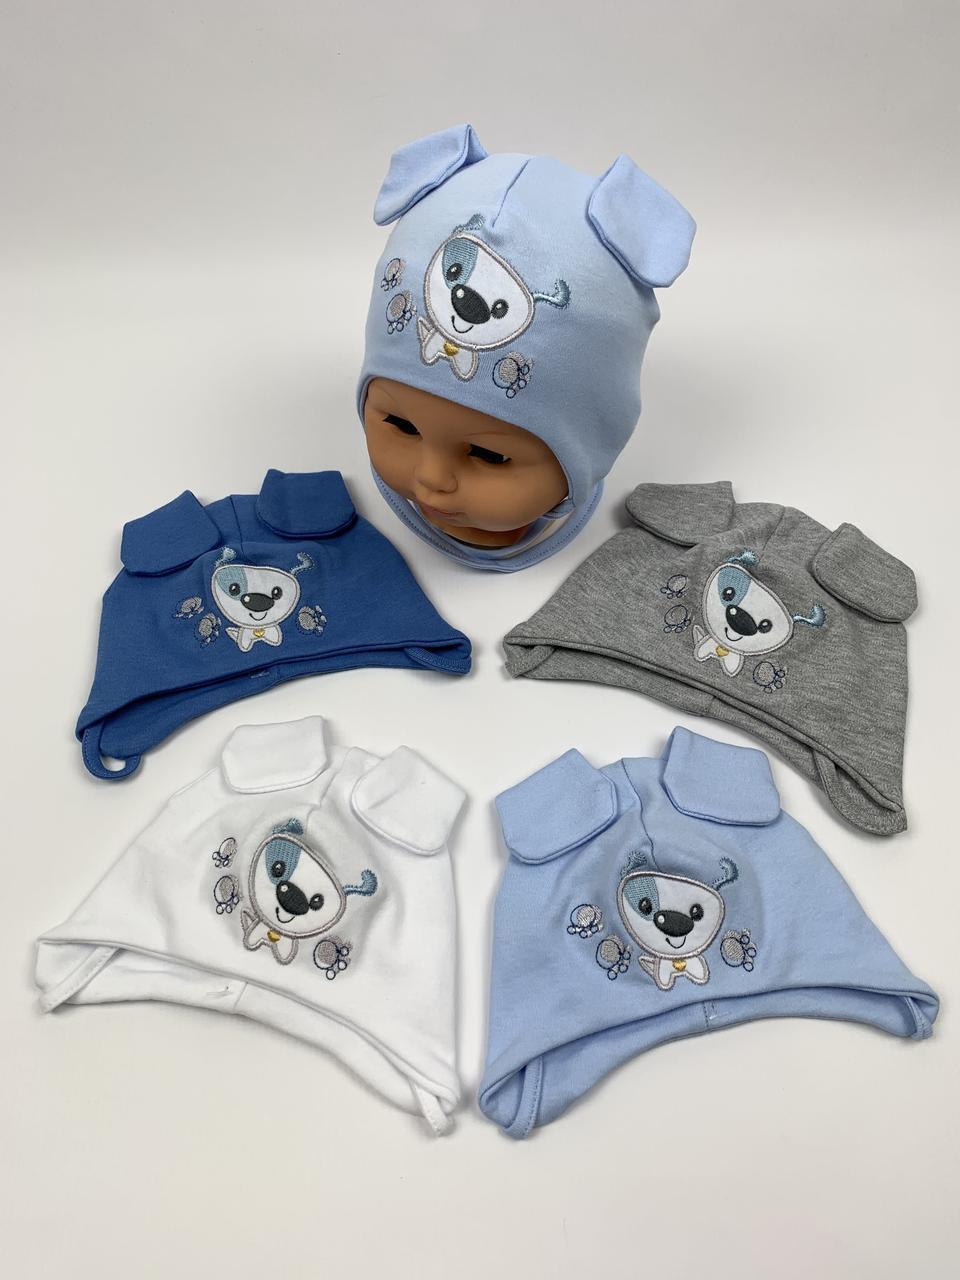 Детские польские демисезонные трикотажные шапки на завязках для мальчиков оптом, р.36-38 40-42, Ala Baby